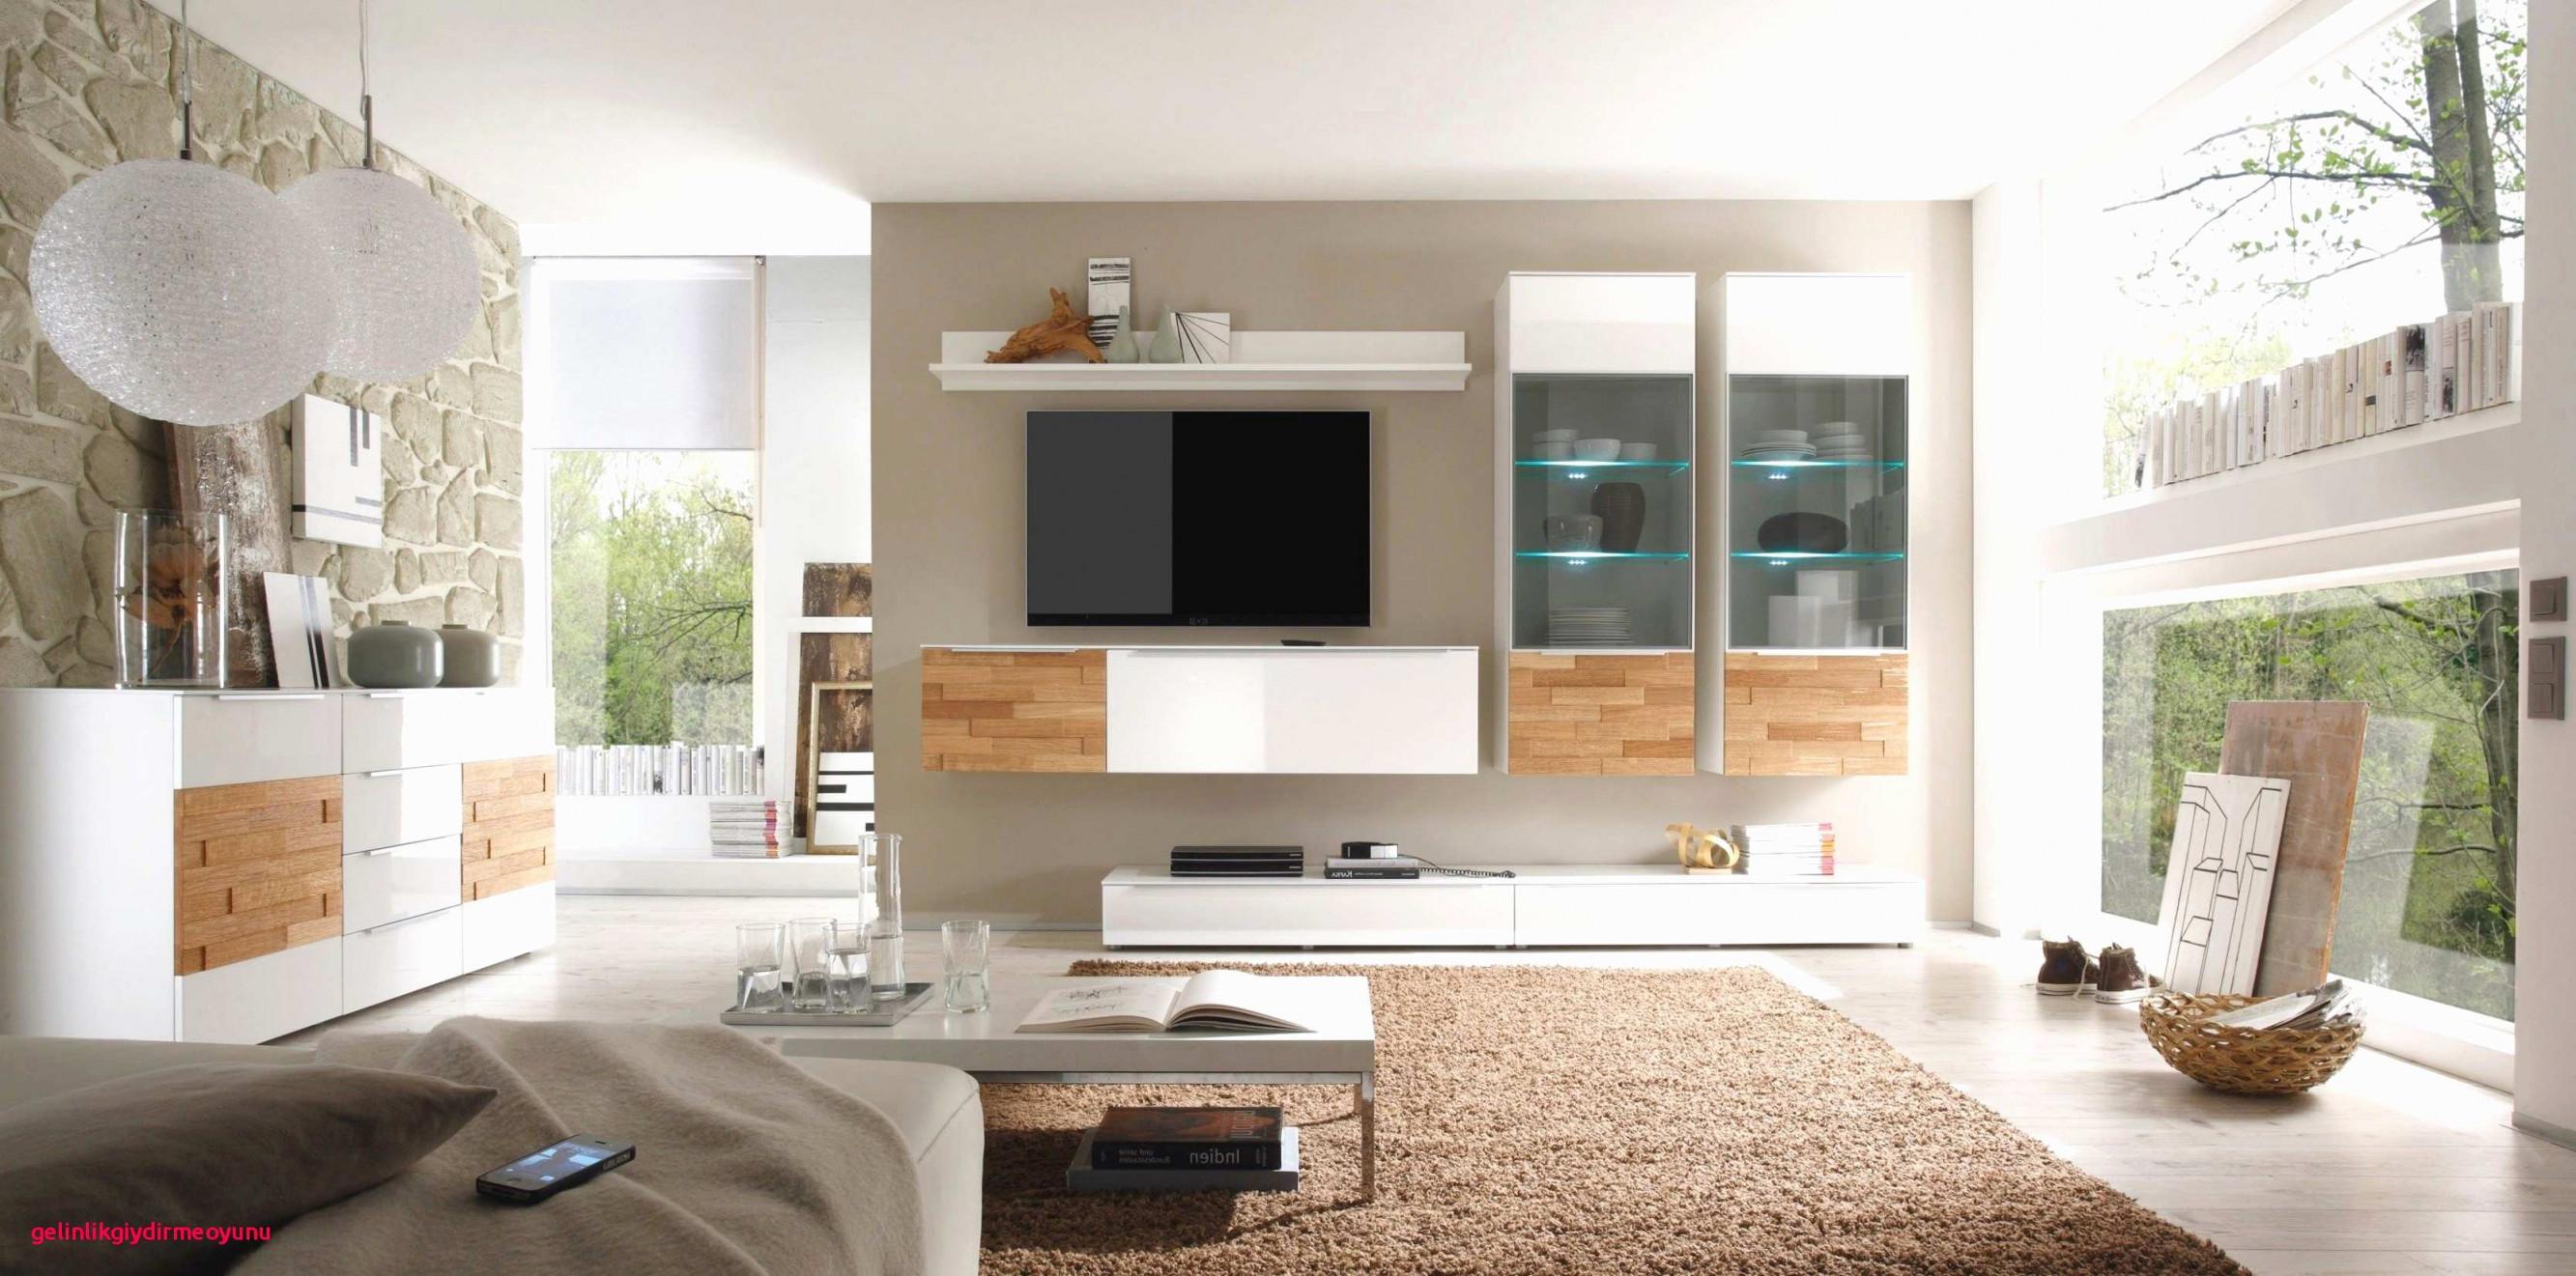 Wohnzimmer Einrichten Beispiele Genial Rechteckiges von Rechteckiges Wohnzimmer Einrichten Photo